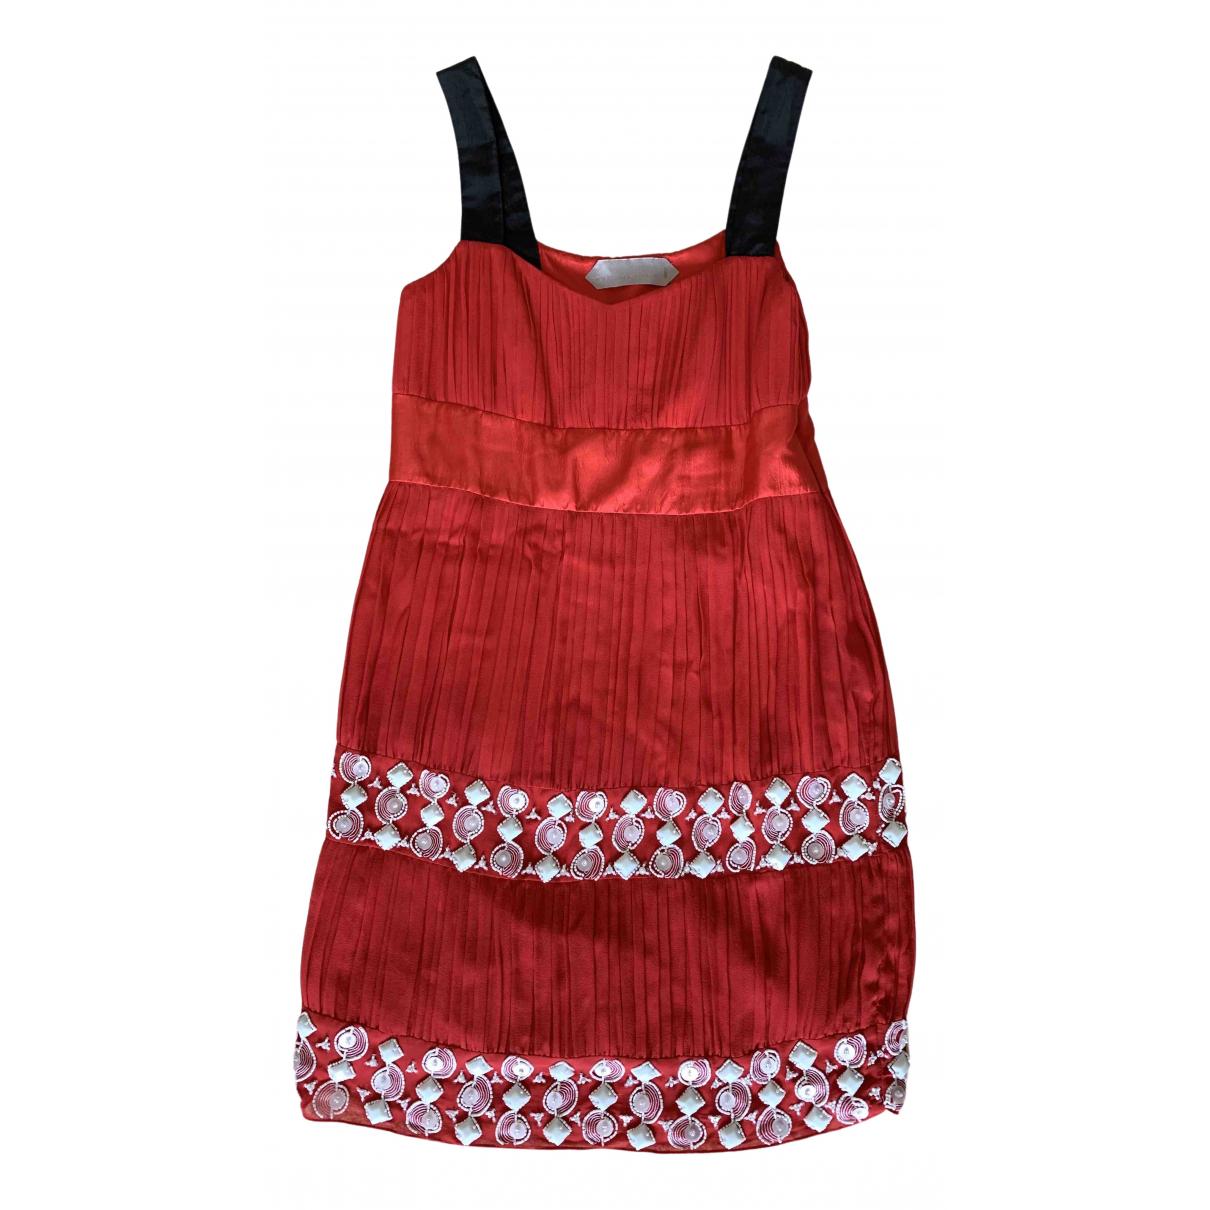 Schumacher \N Kleid in  Rot Seide